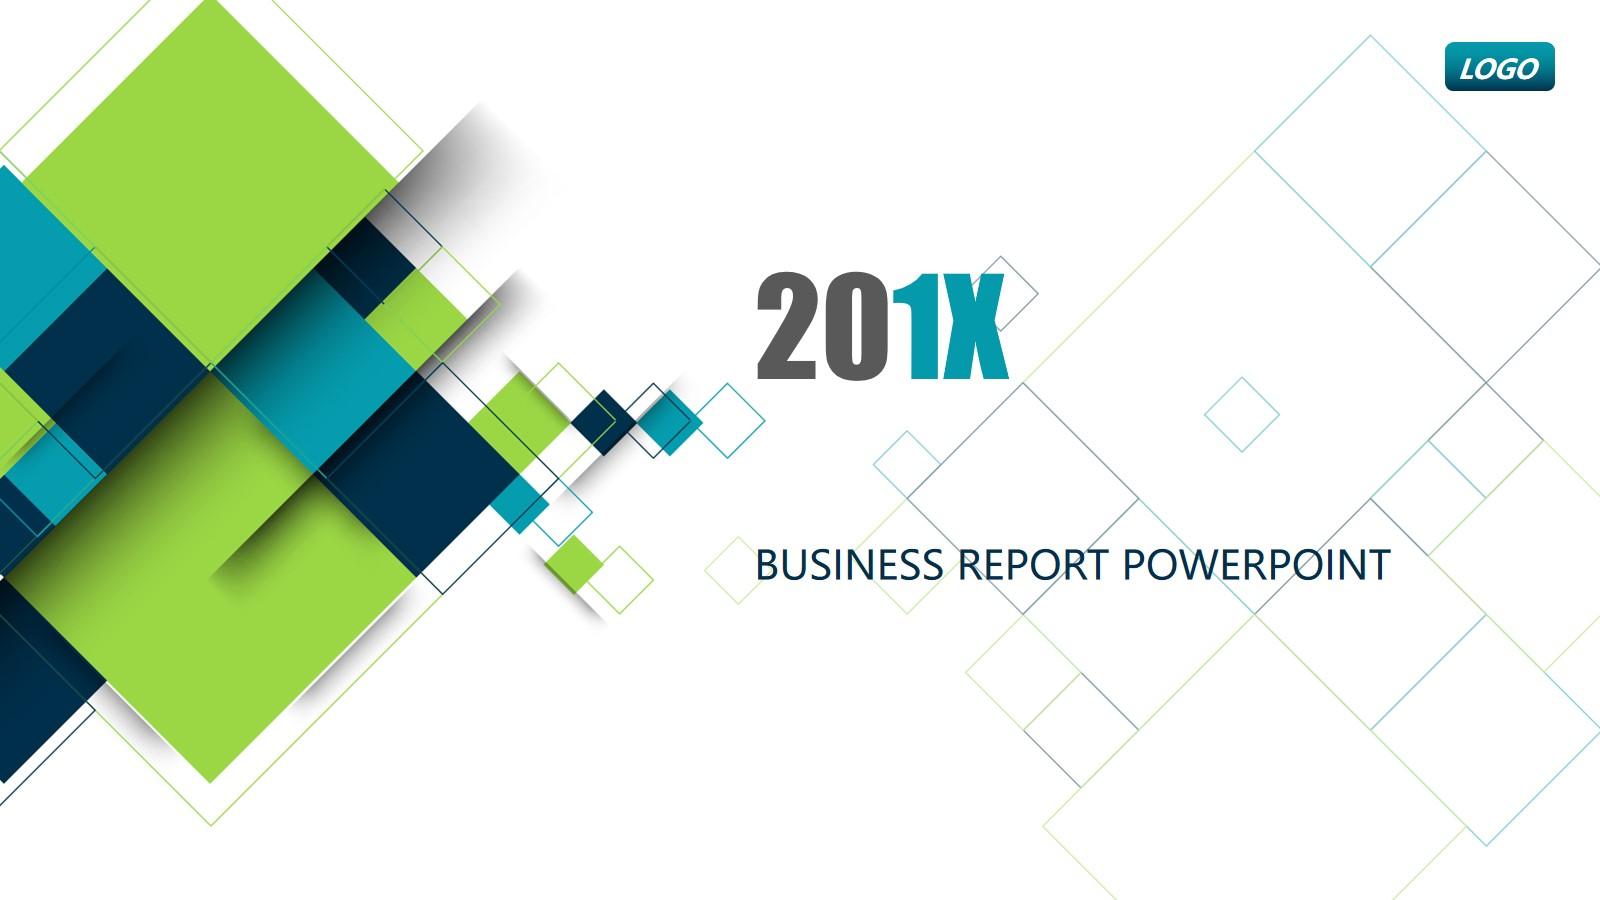 蓝绿配色的方块图形背景商业融资计划书PPT模板